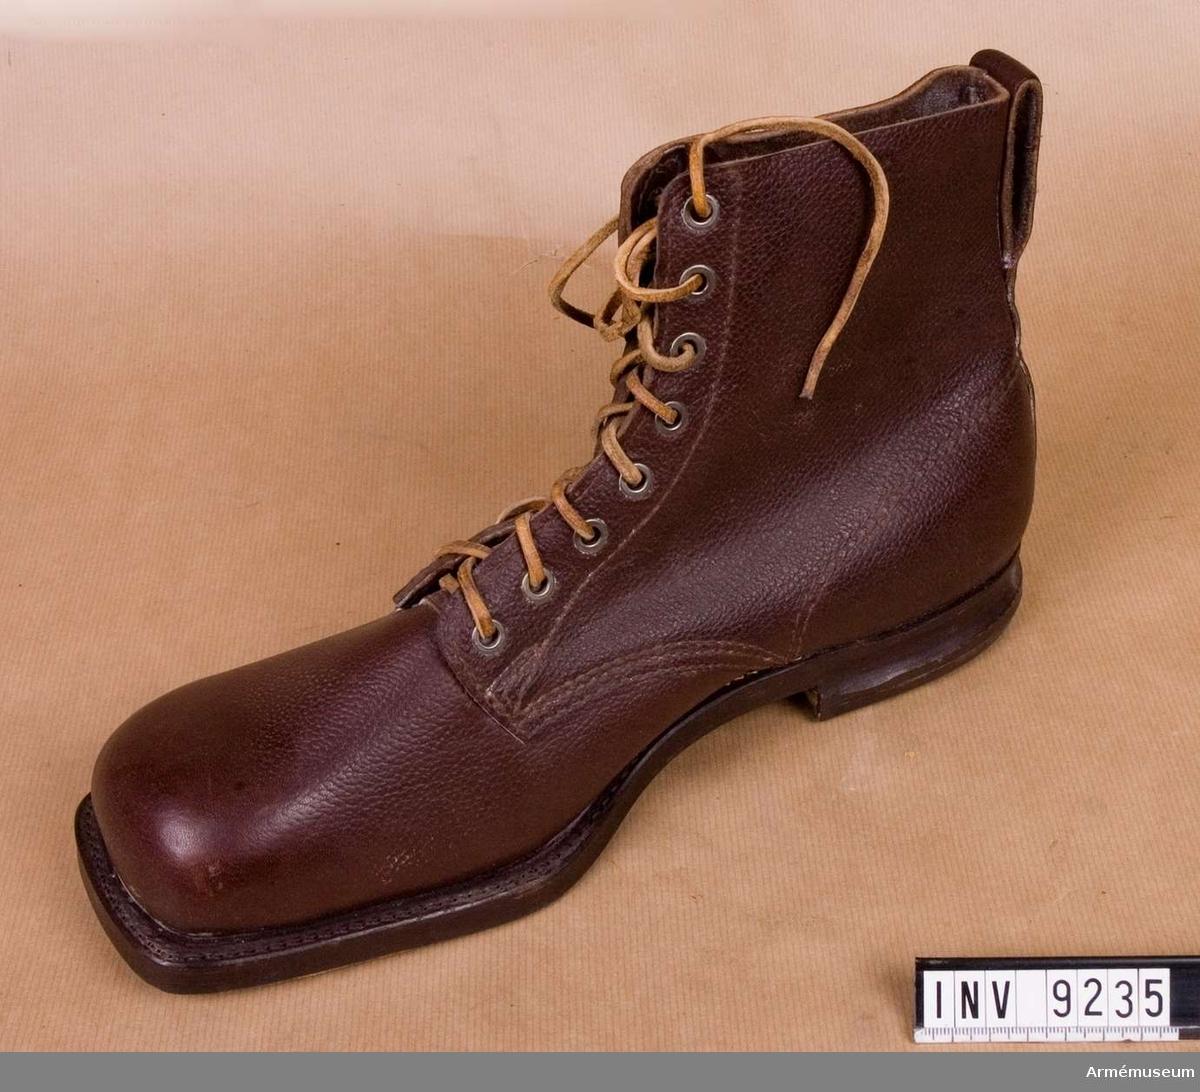 Av brunt smorläder med lädersula och gummiklackad. Storlek 45 A. Stämplad i sulan med Gyllenen Gripens firmamärke.